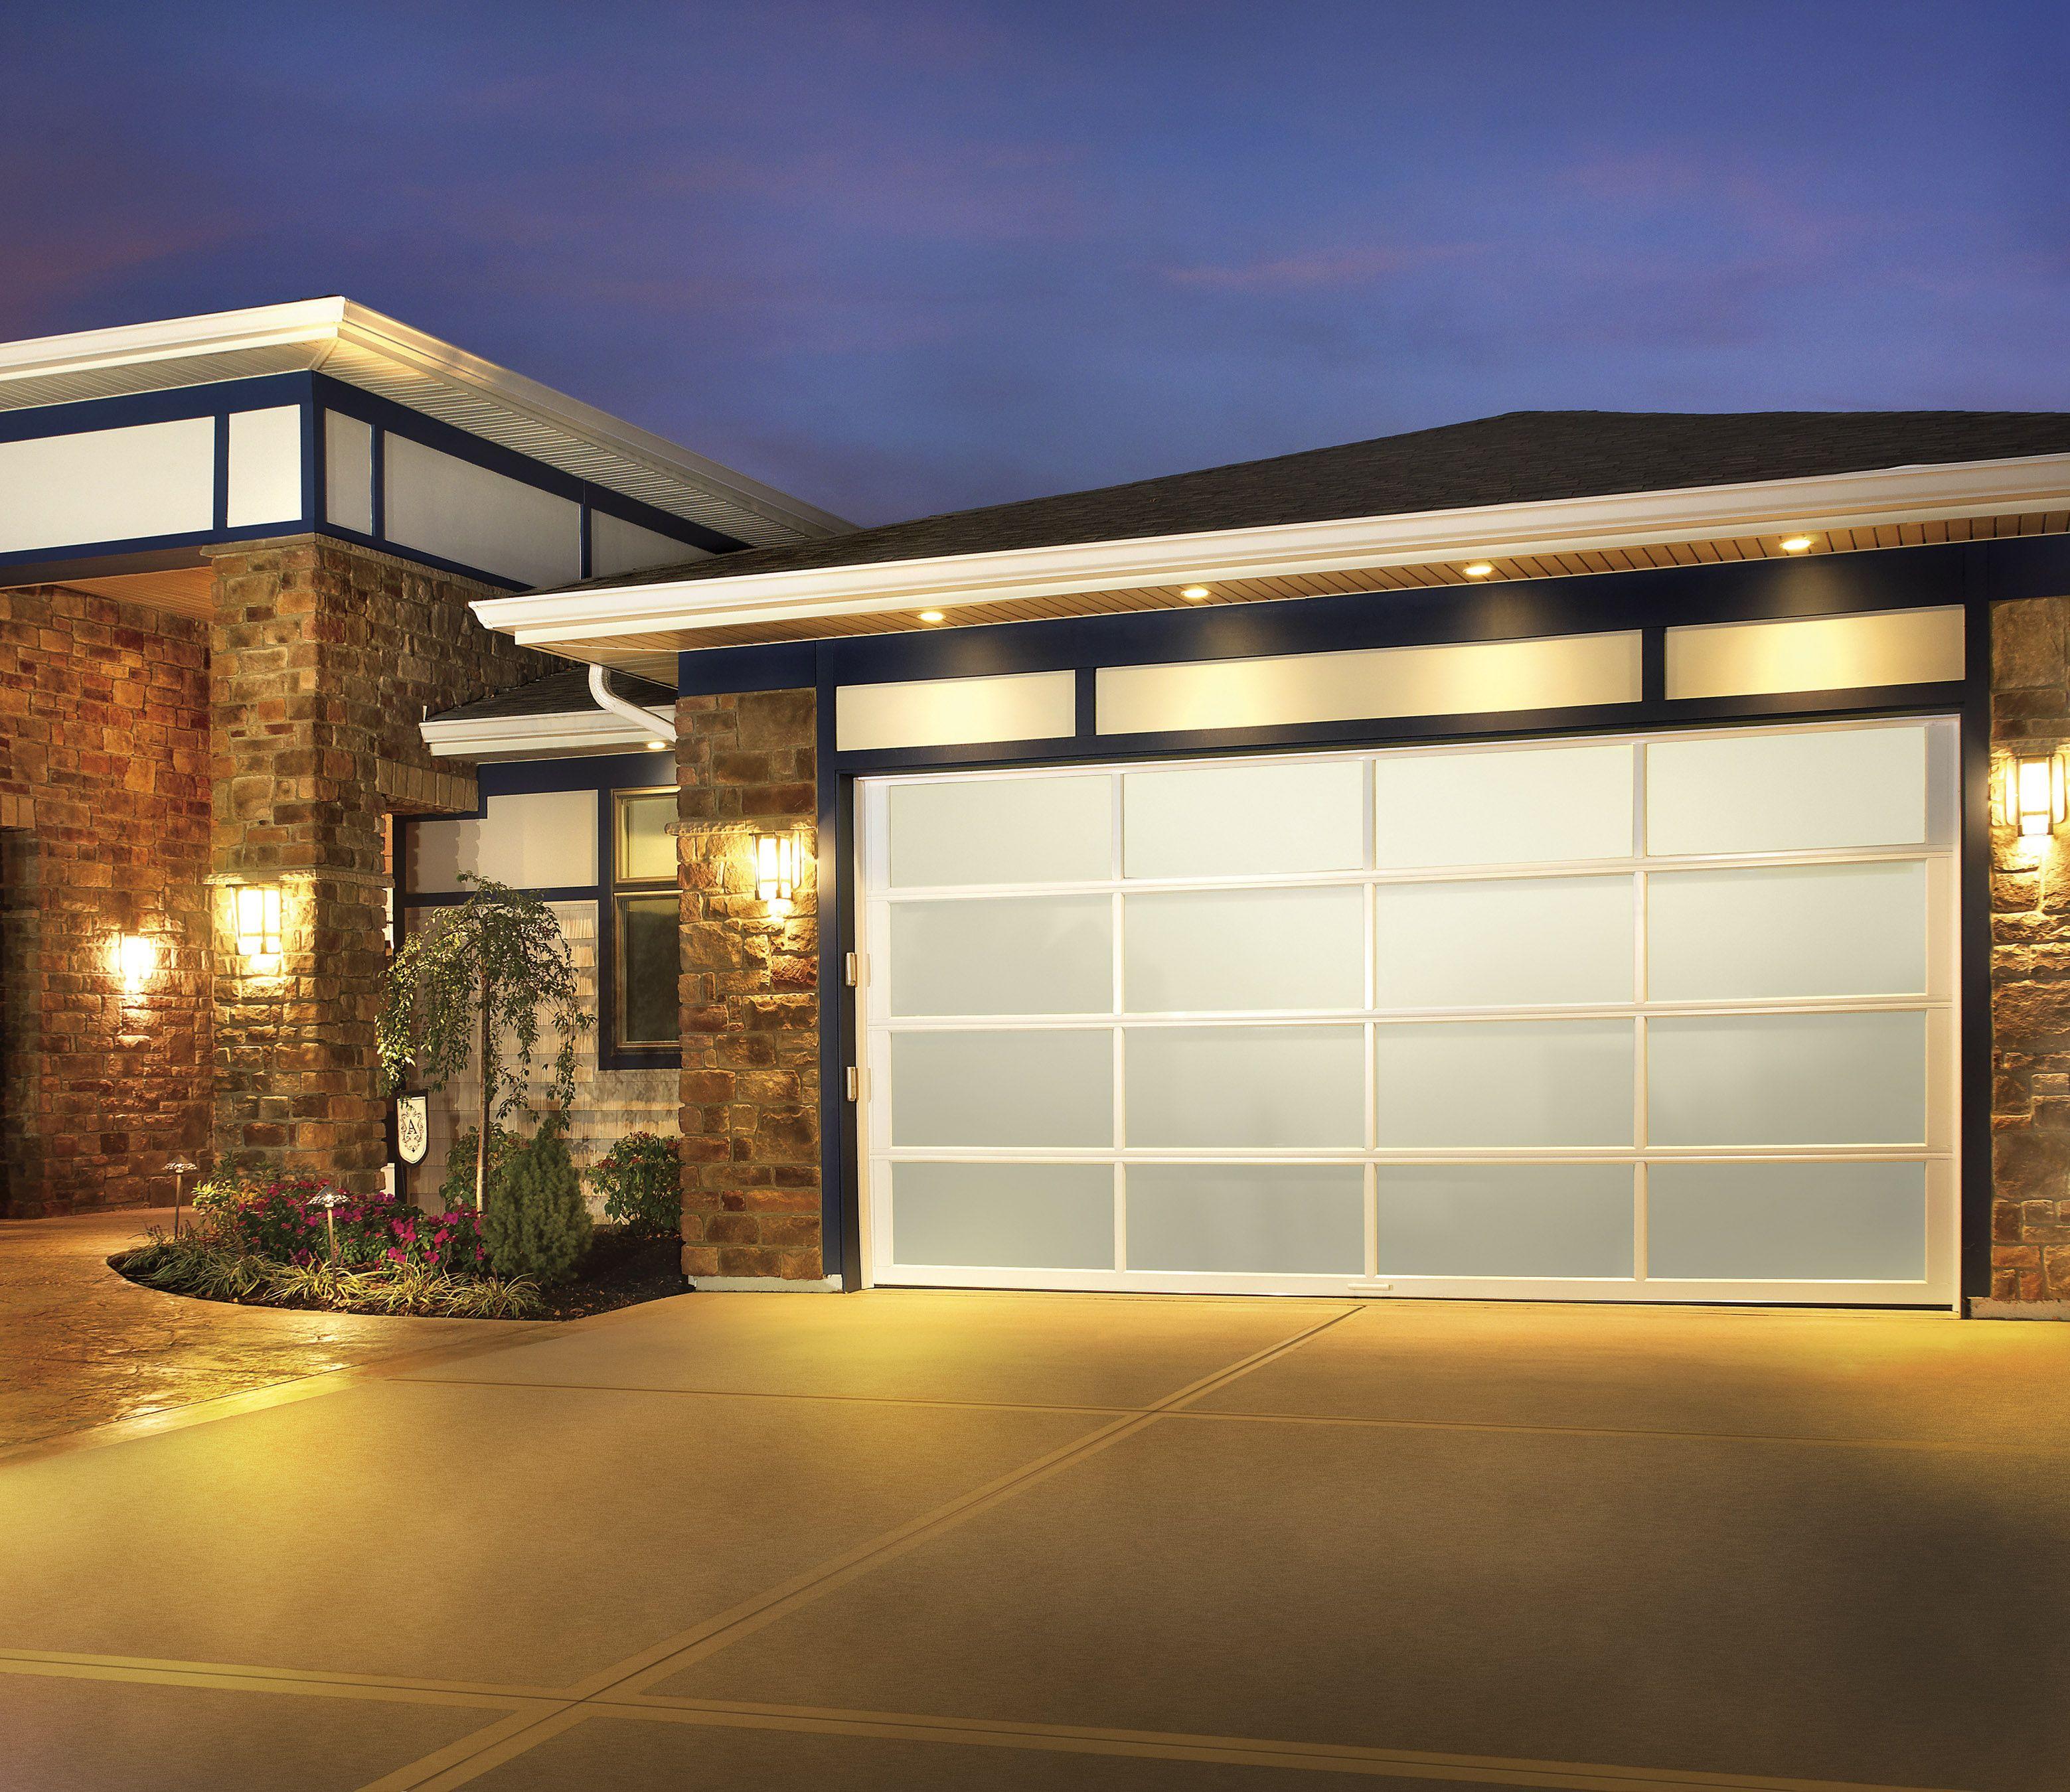 Avante Collection Great Design Beautiful Selection Garagedoor Overheaddoorofamerica Overheaddoors Contemporary Garage Doors Garage Doors Best Garage Doors